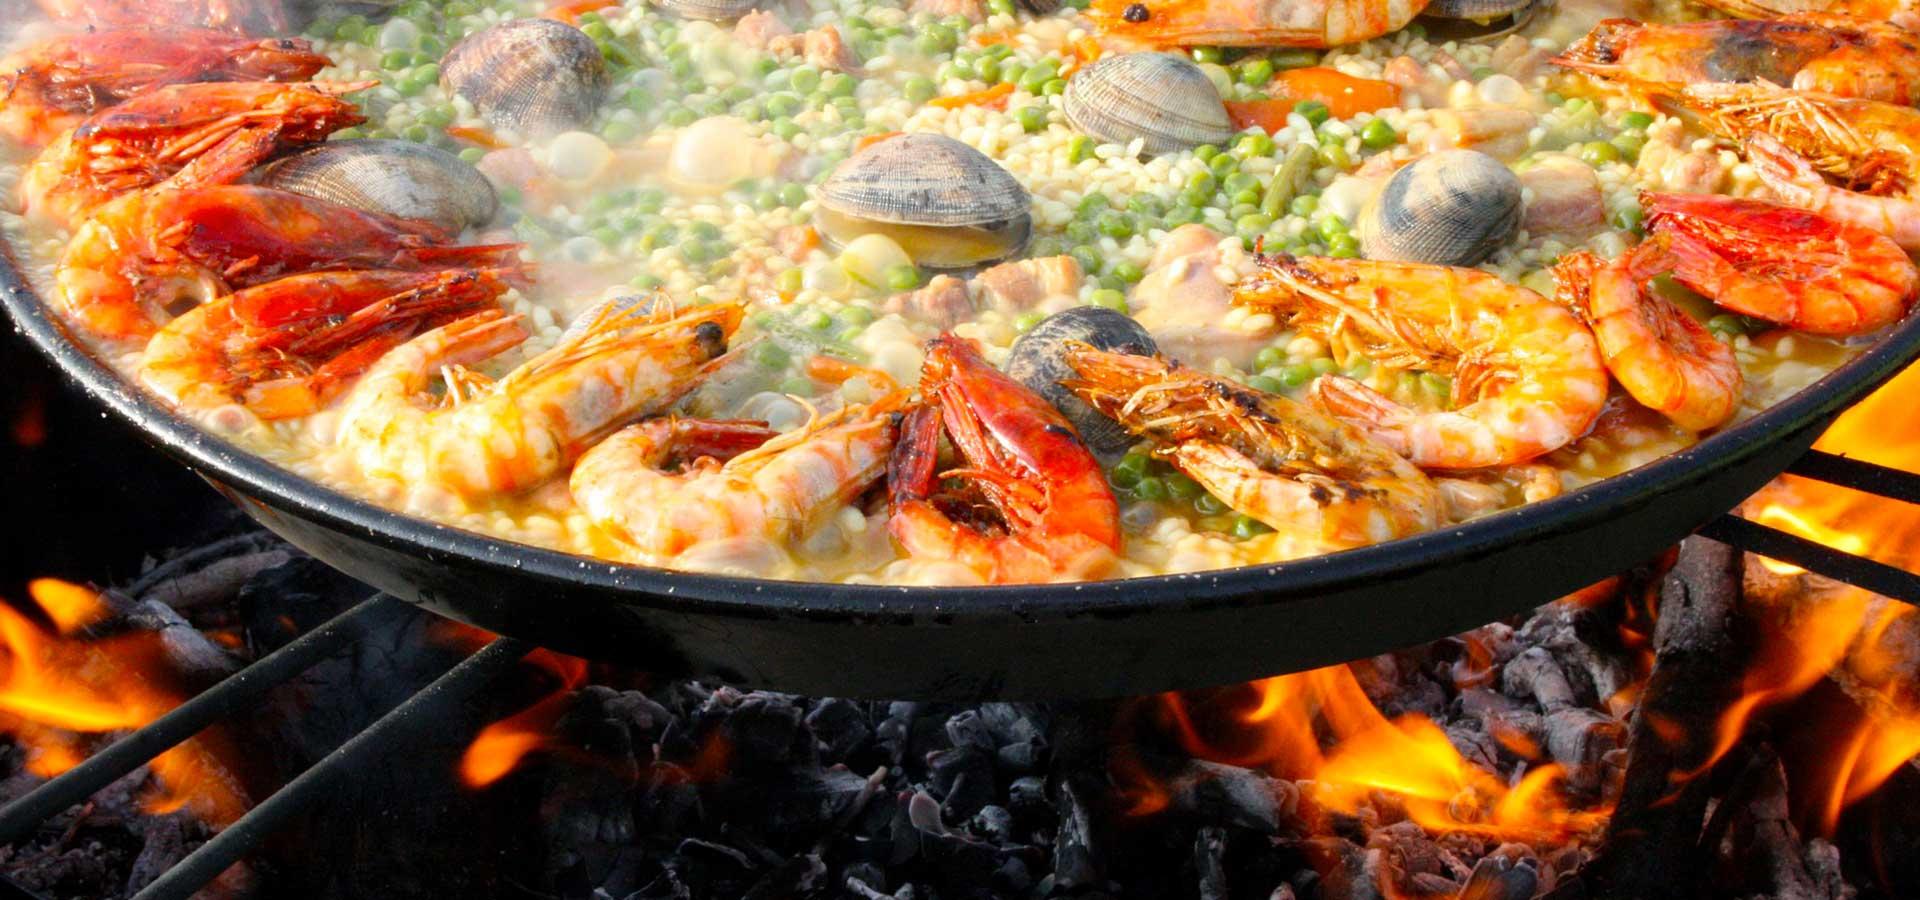 Plat à partager-Espagne-Paella